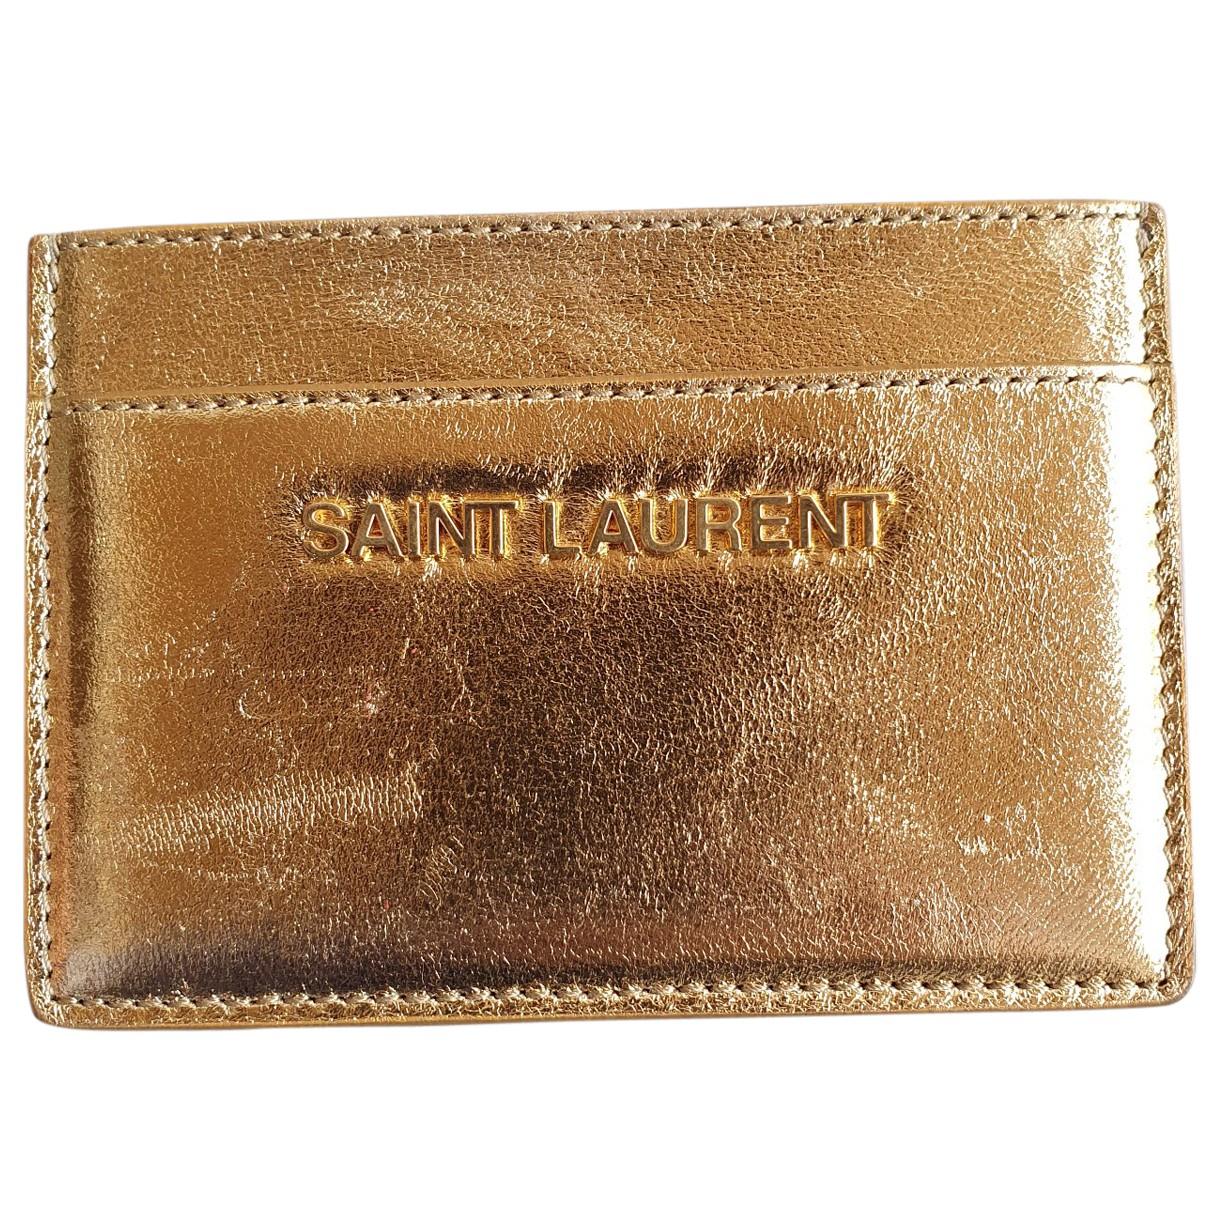 Saint Laurent - Portefeuille   pour femme en cuir - dore